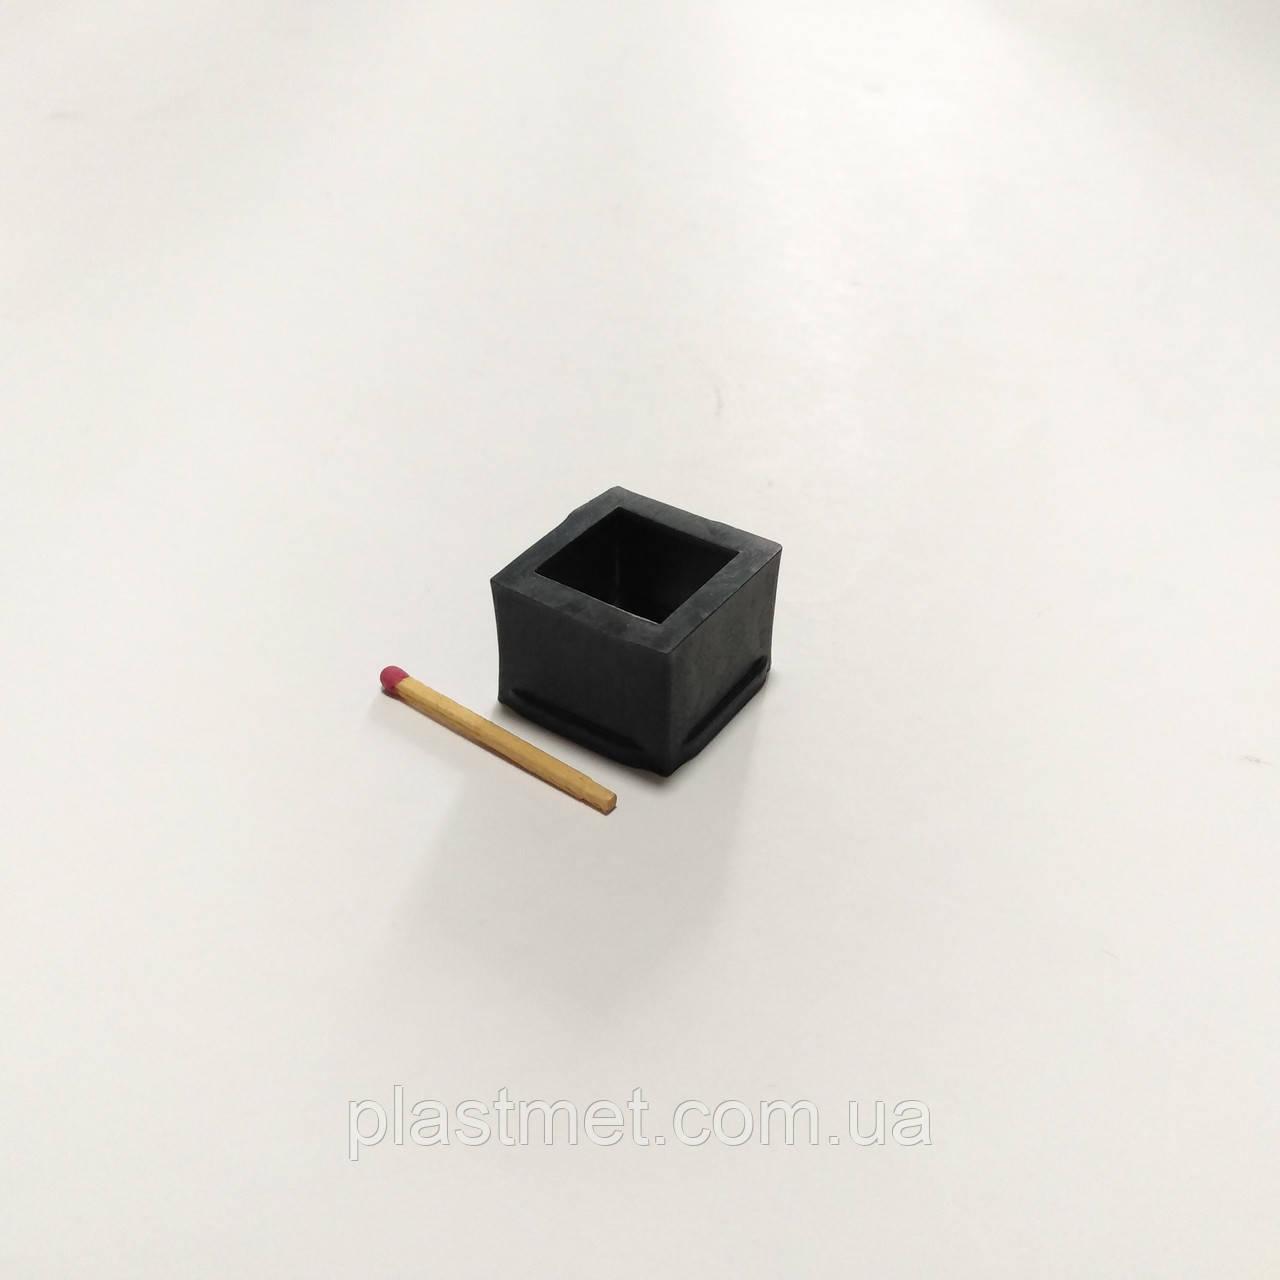 Заглушка перехідна з 25х25 на 20х20 мм